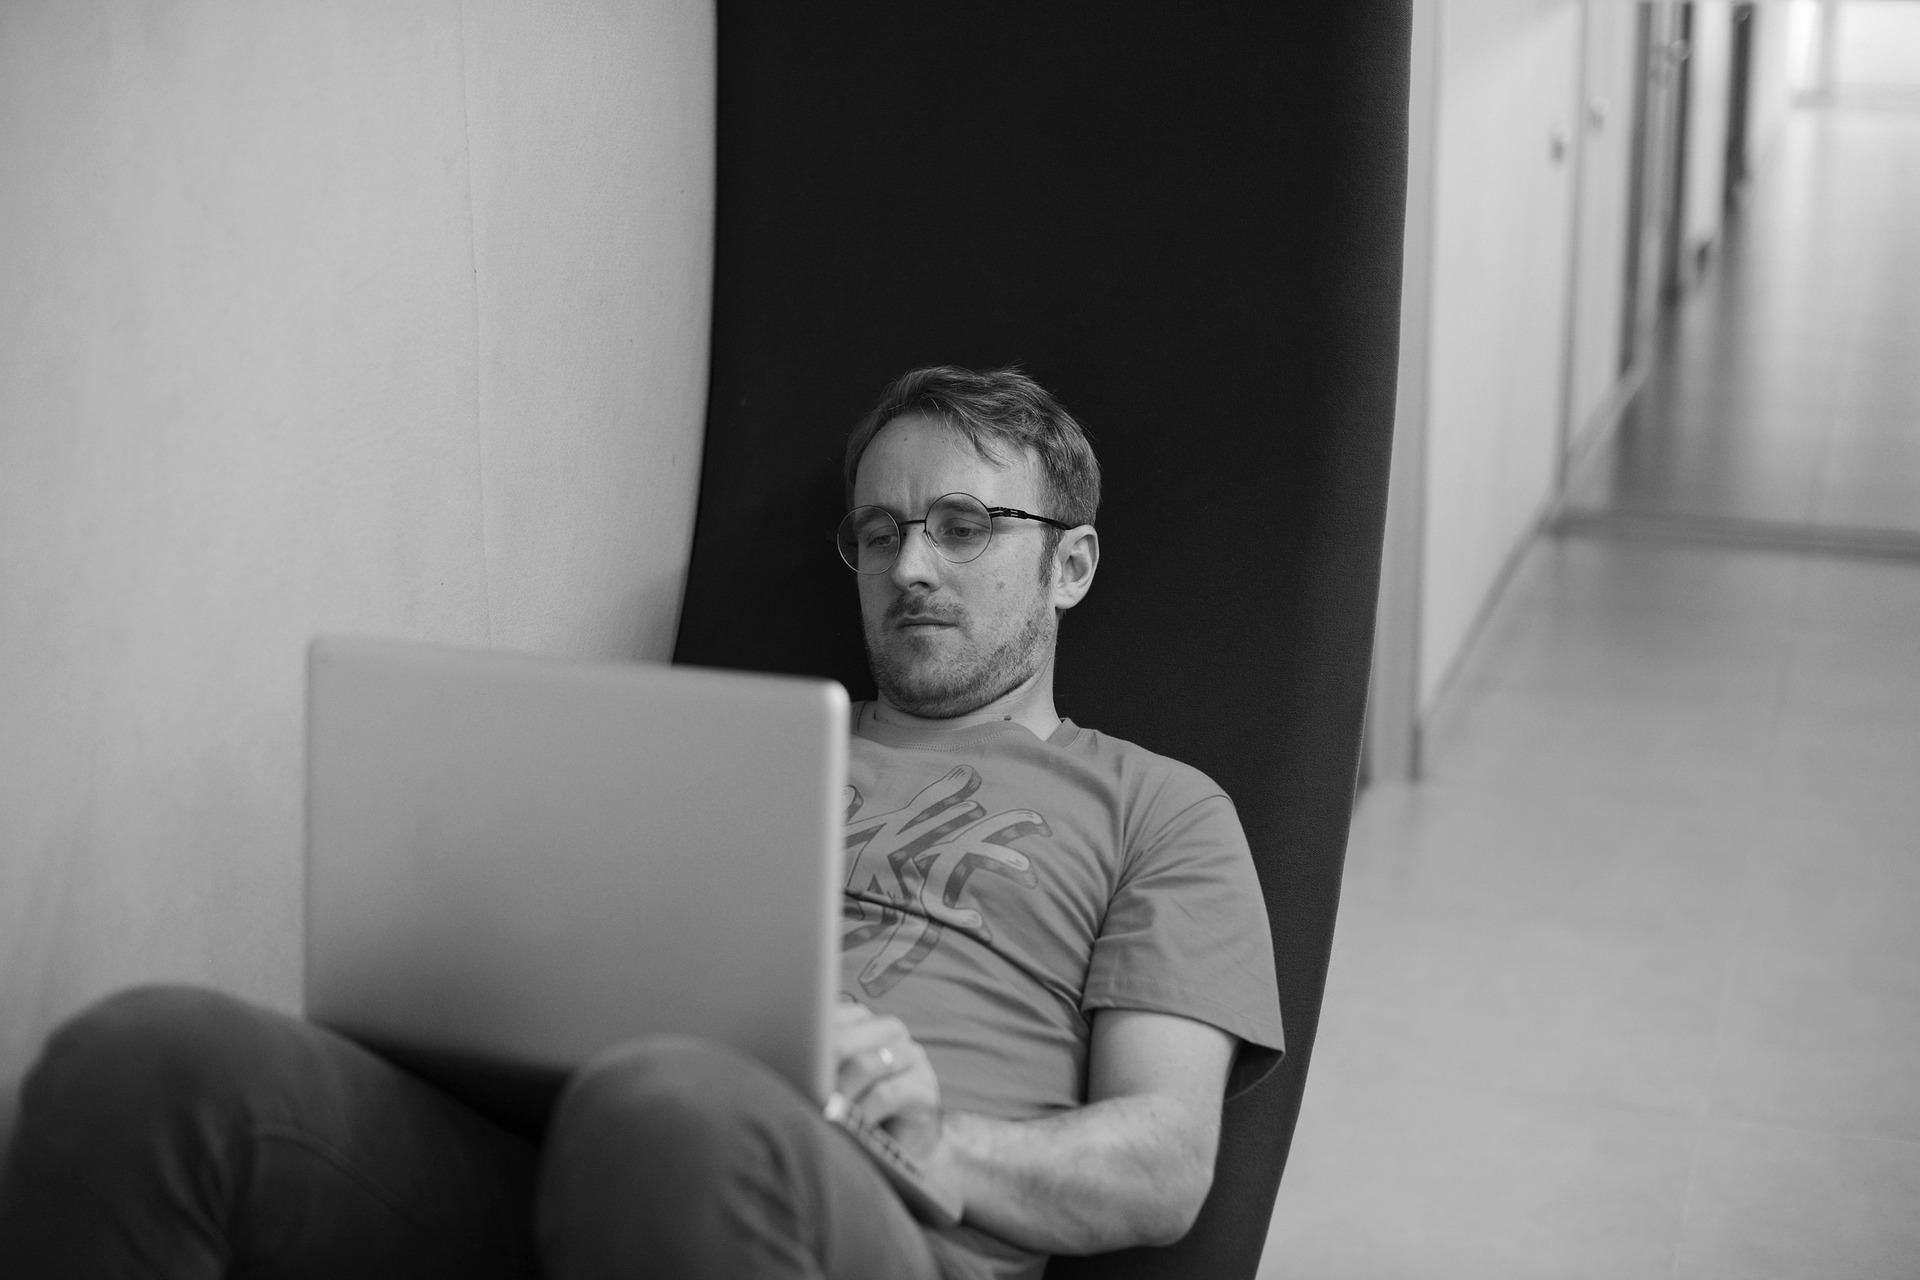 Сервіс від Amazon спрощує розгортання блокчейн-мереж